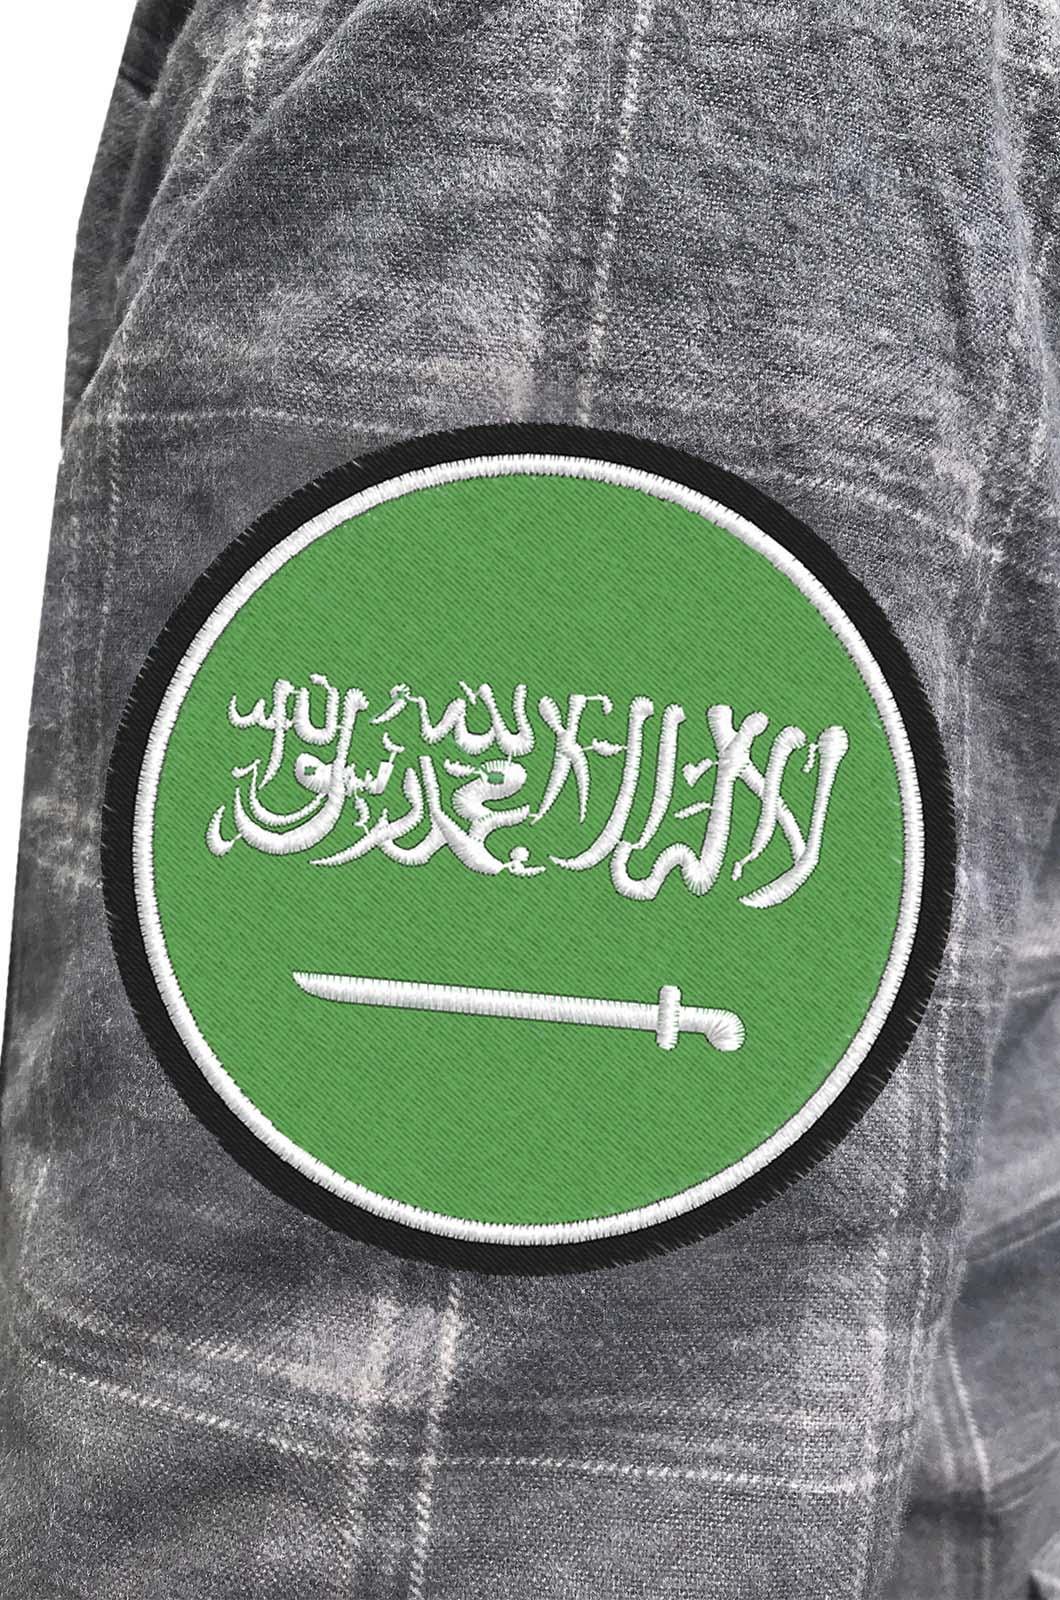 Строгая утепленная рубашка с нашивкой Саудовская Аравия - купить с доставкой